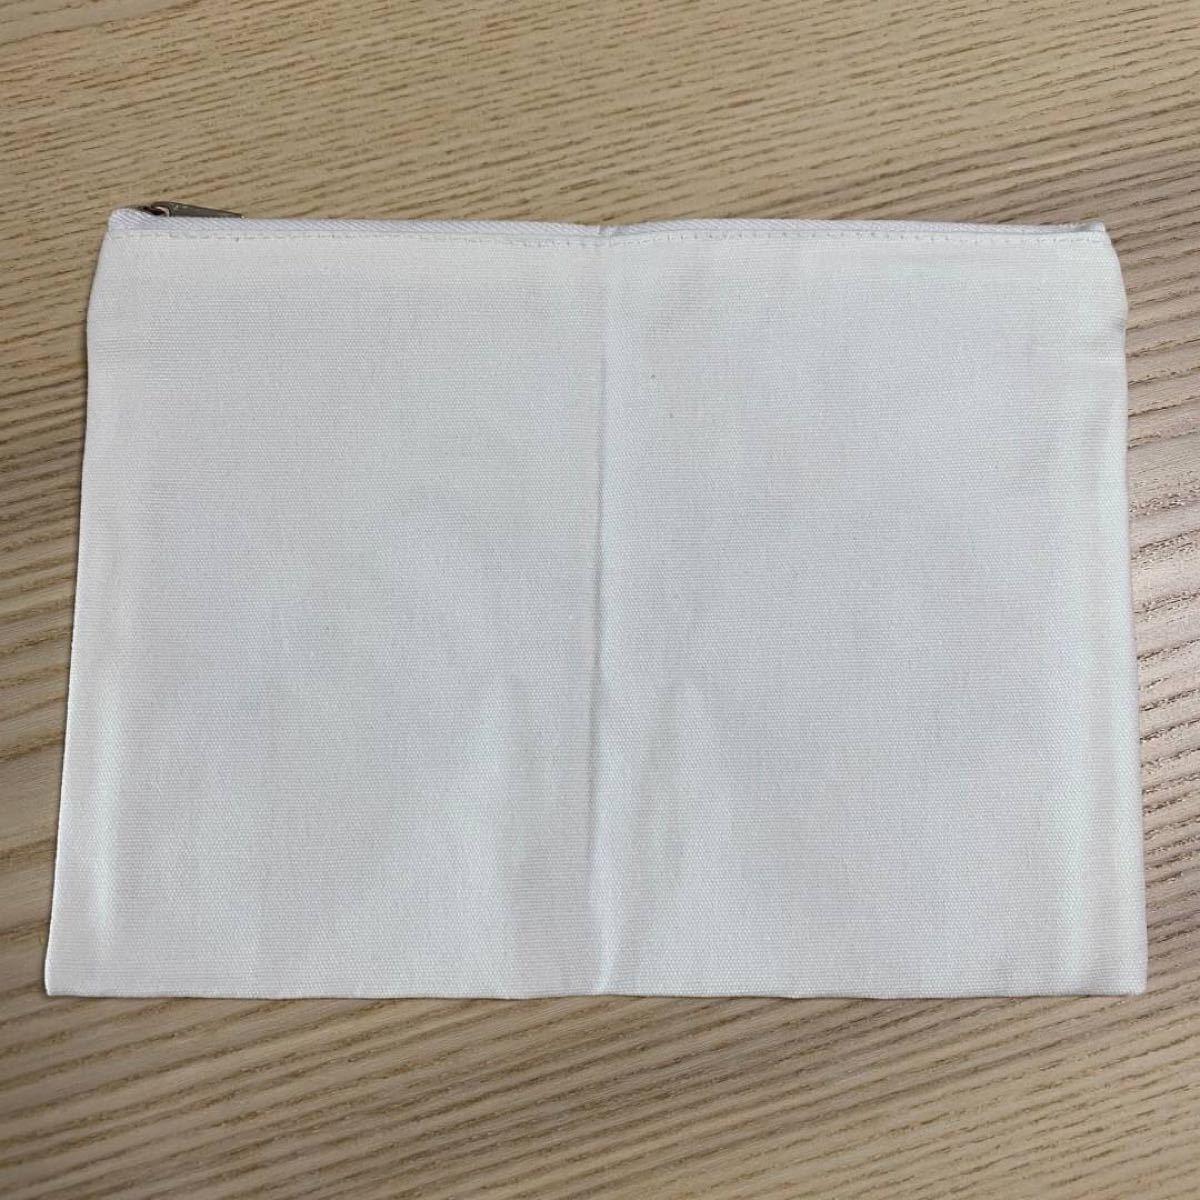 スヌーピー ポーチ ケース 母子手帳ケース オムツポーチ